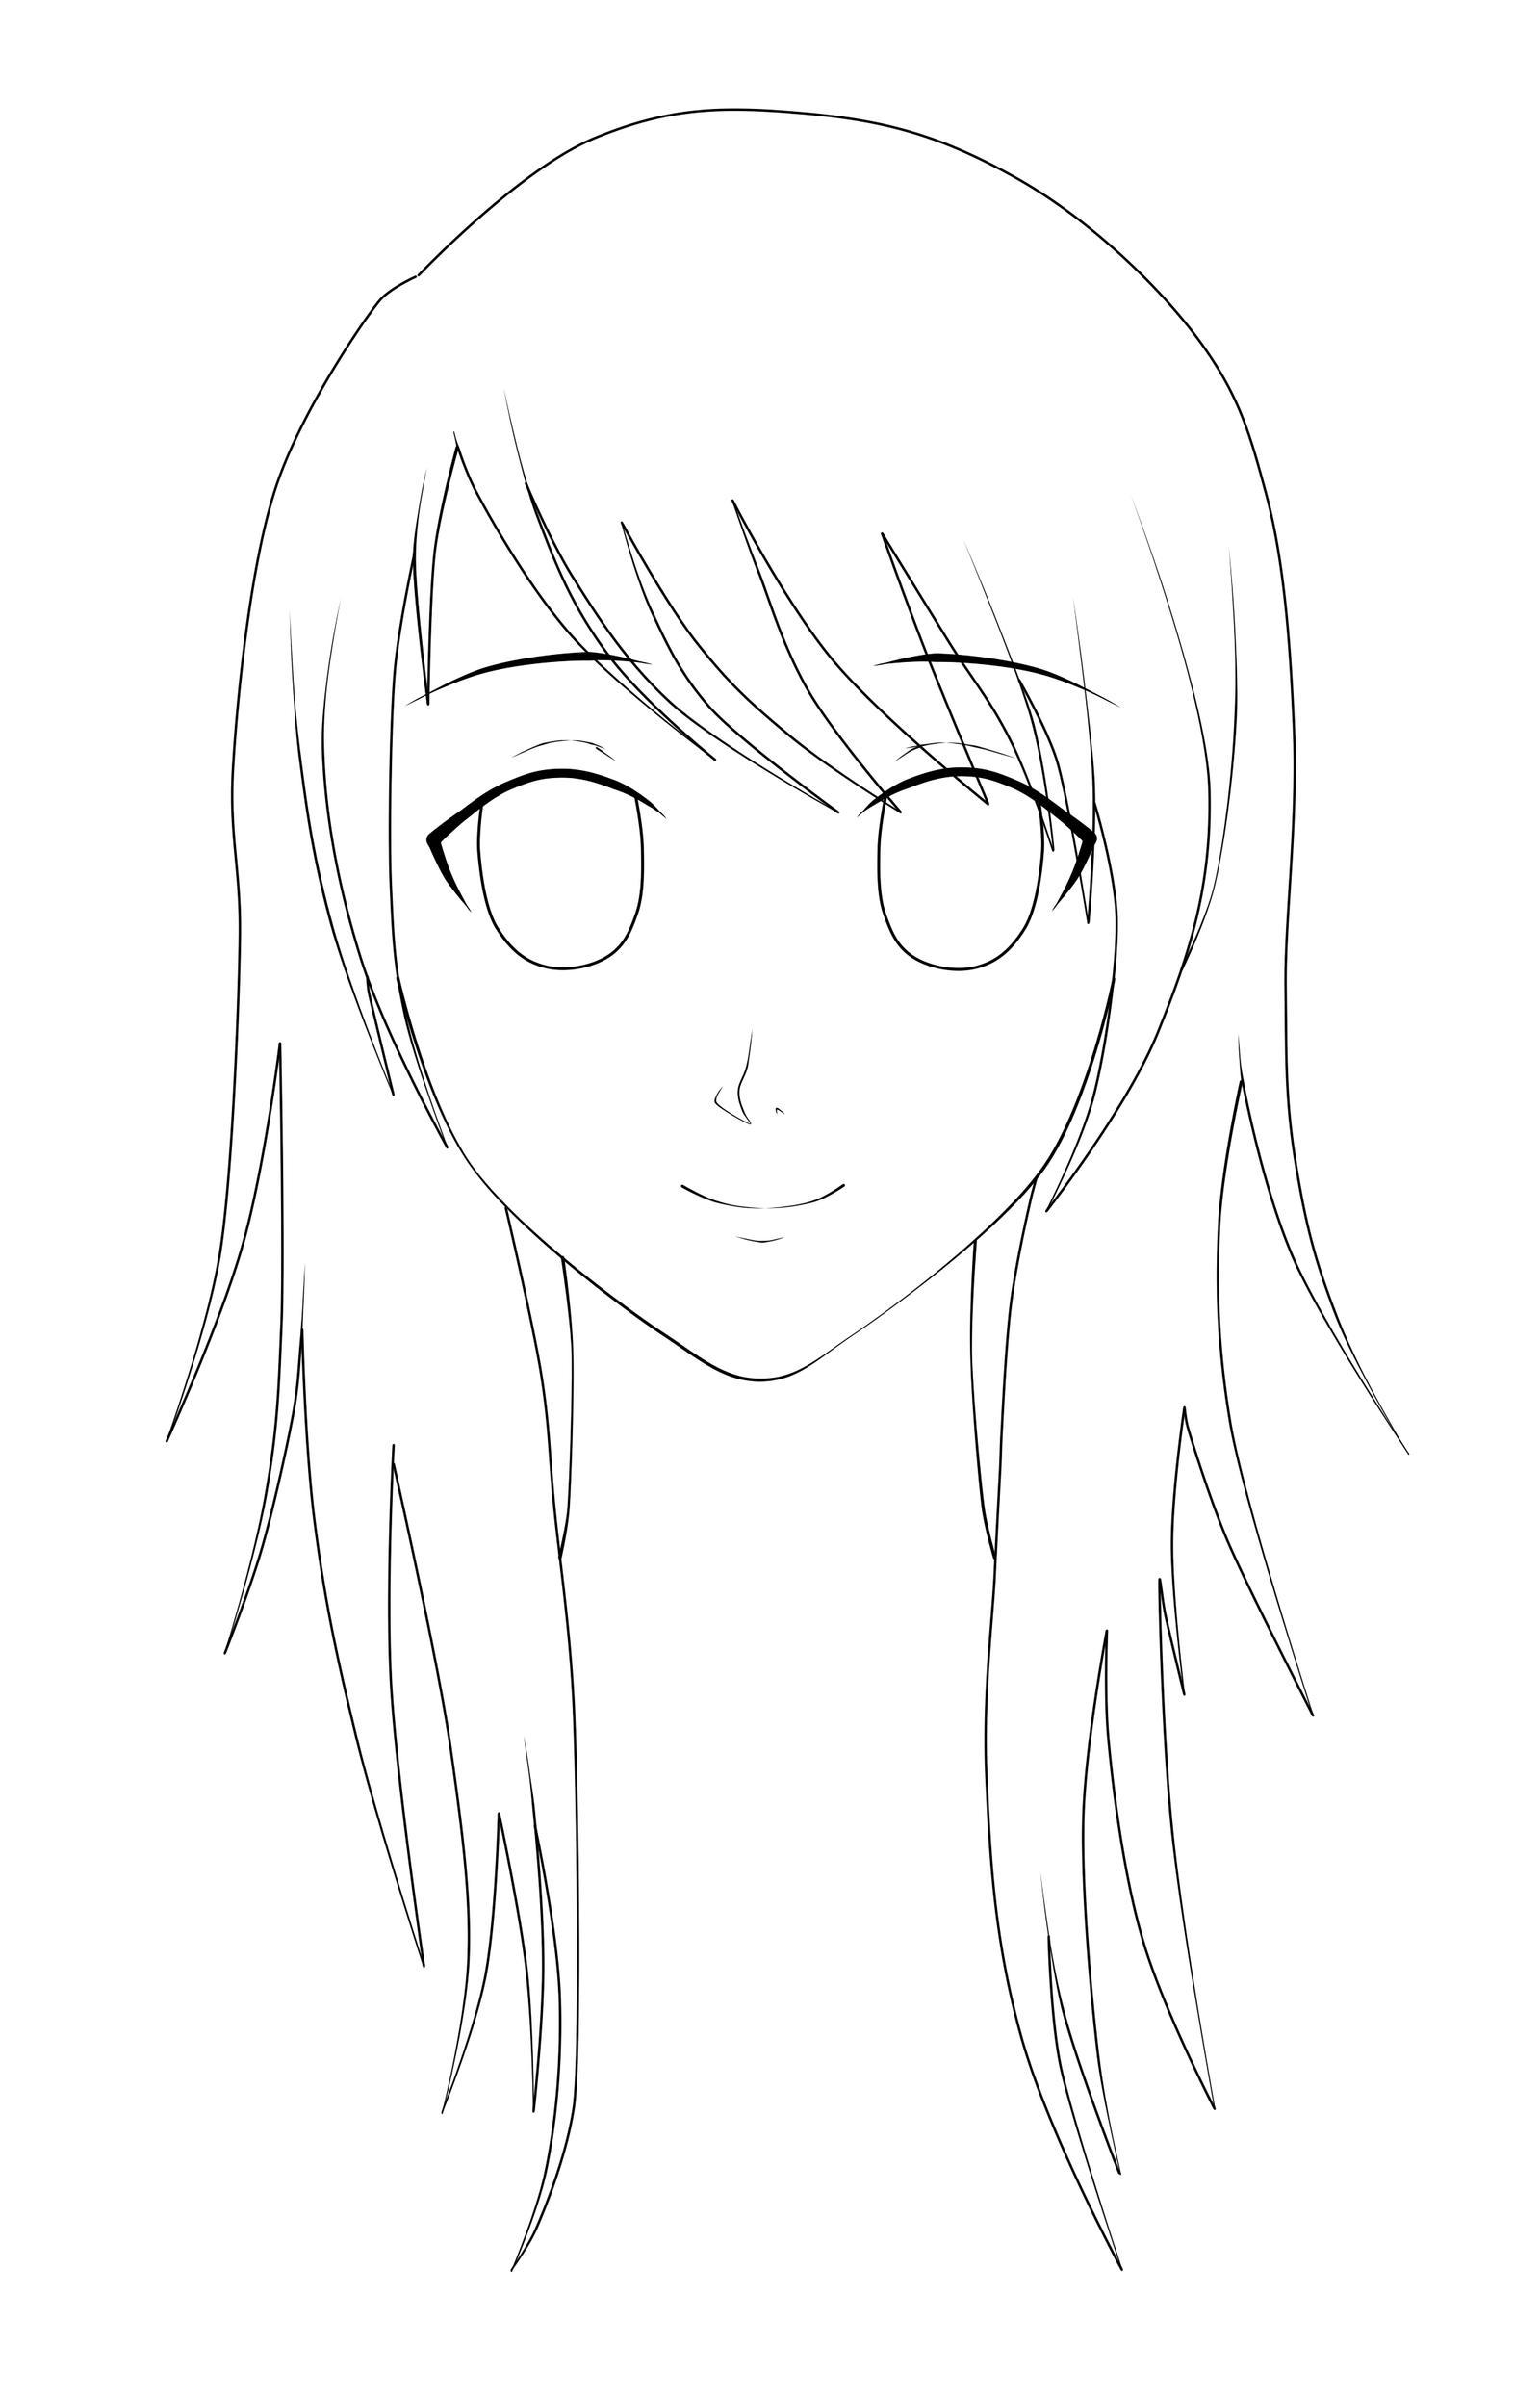 Anime Girl Lineart : Anime girl lineart by lunatta on deviantart